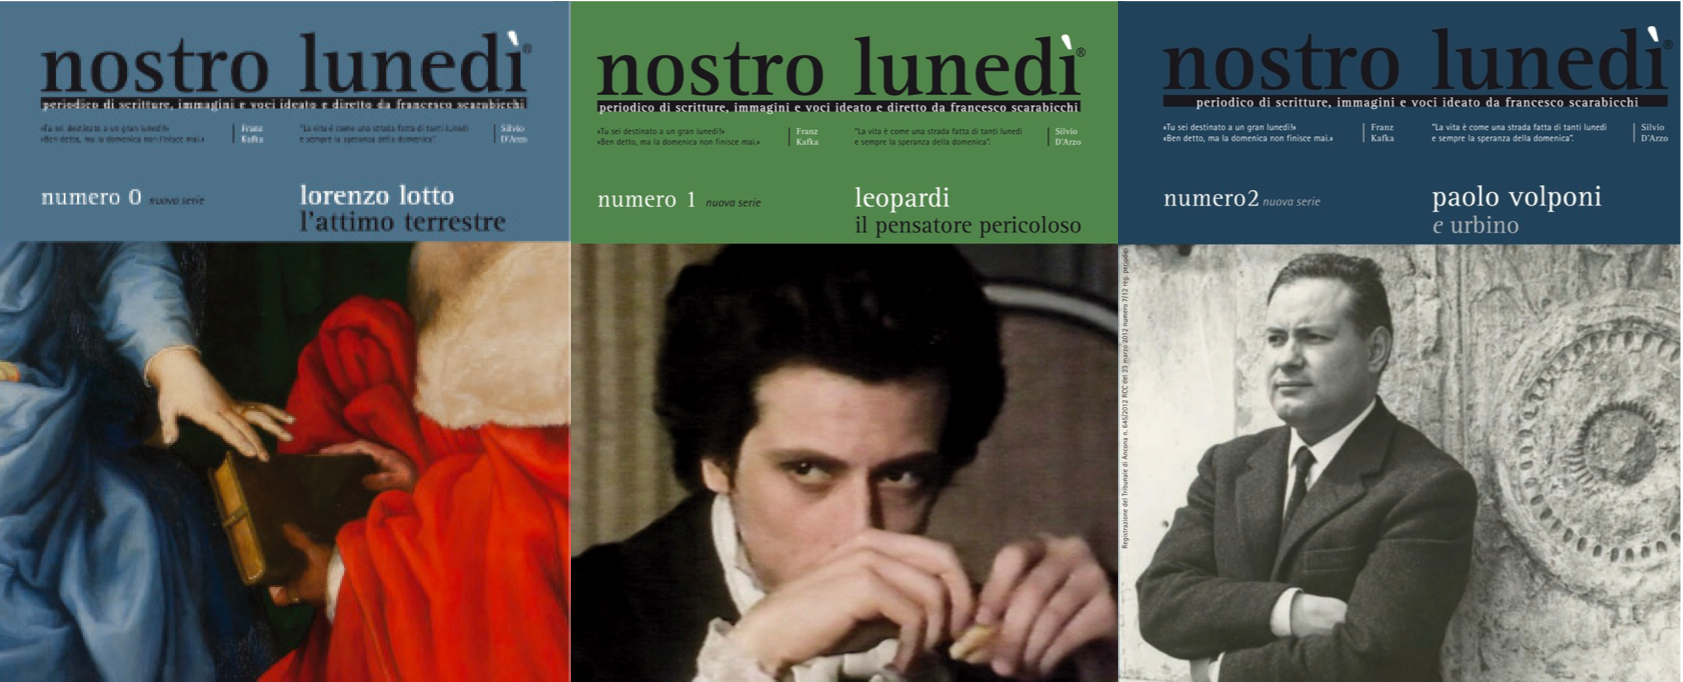 nostro lunedì - nuova serie 2011-2013